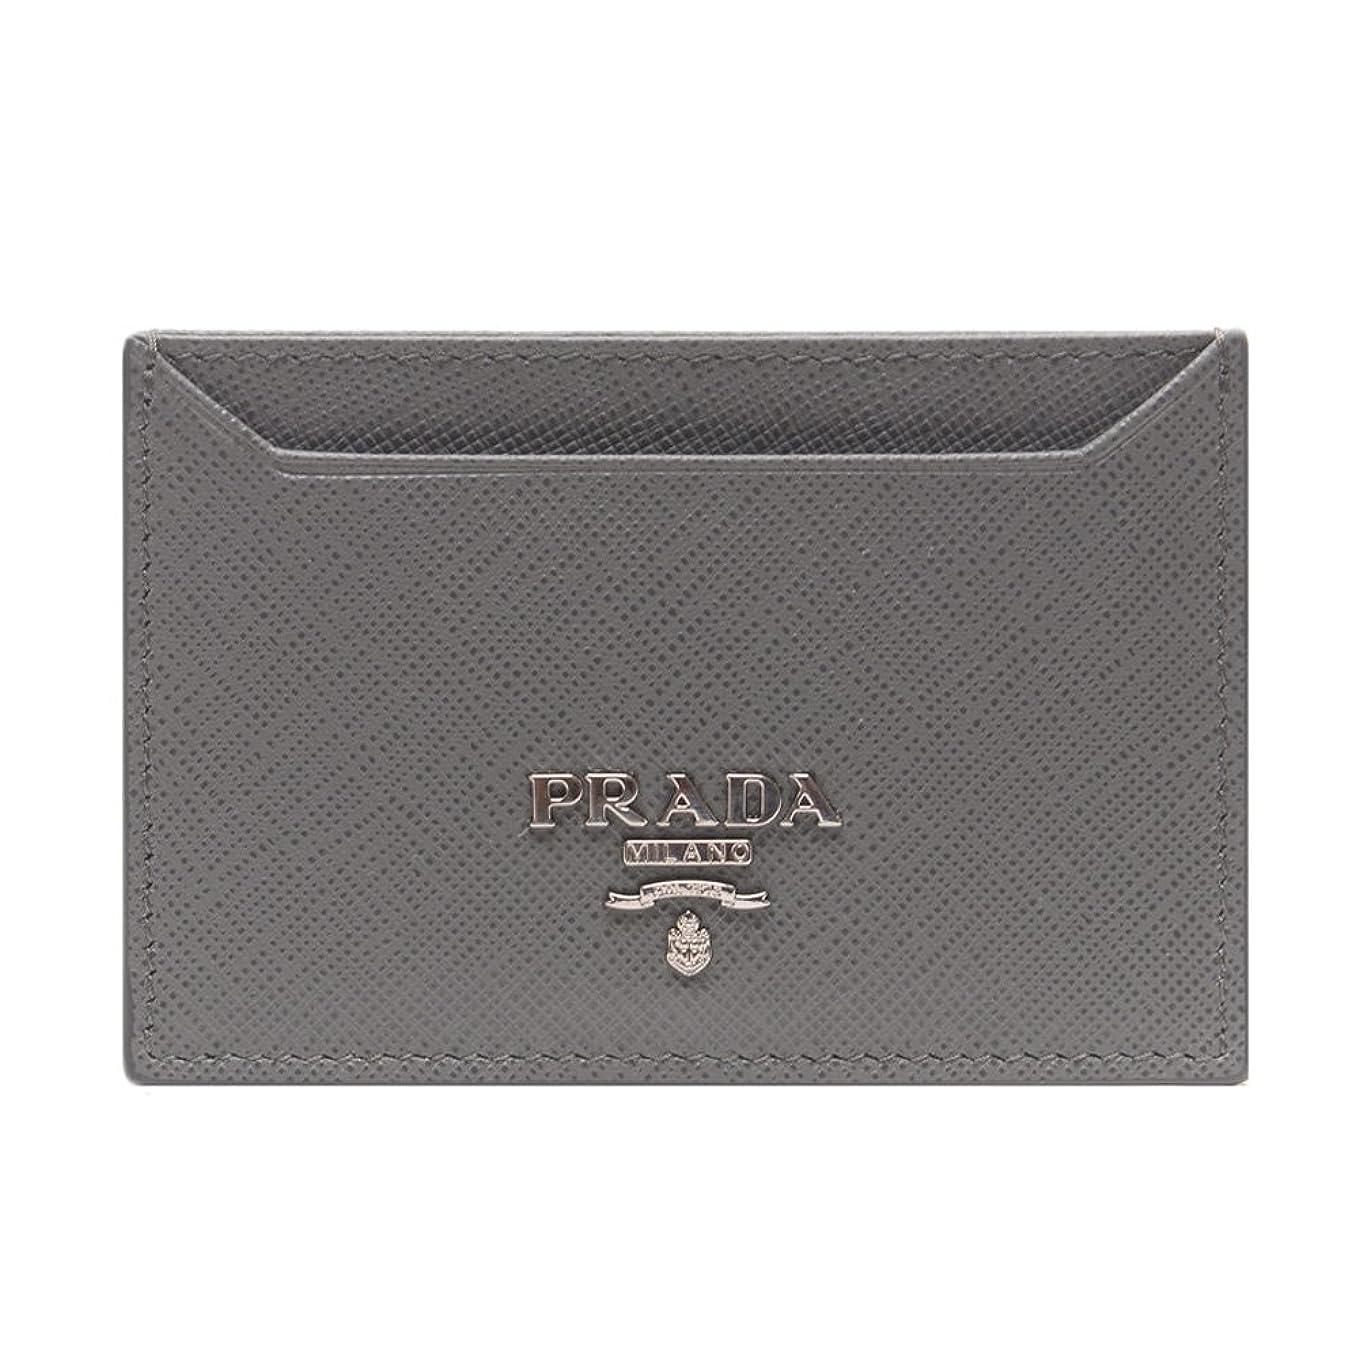 非難する究極の間欠[プラダ PRADA] 男女共用 メタルレタリングロゴ カード財布 GRAY [並行輸入品]